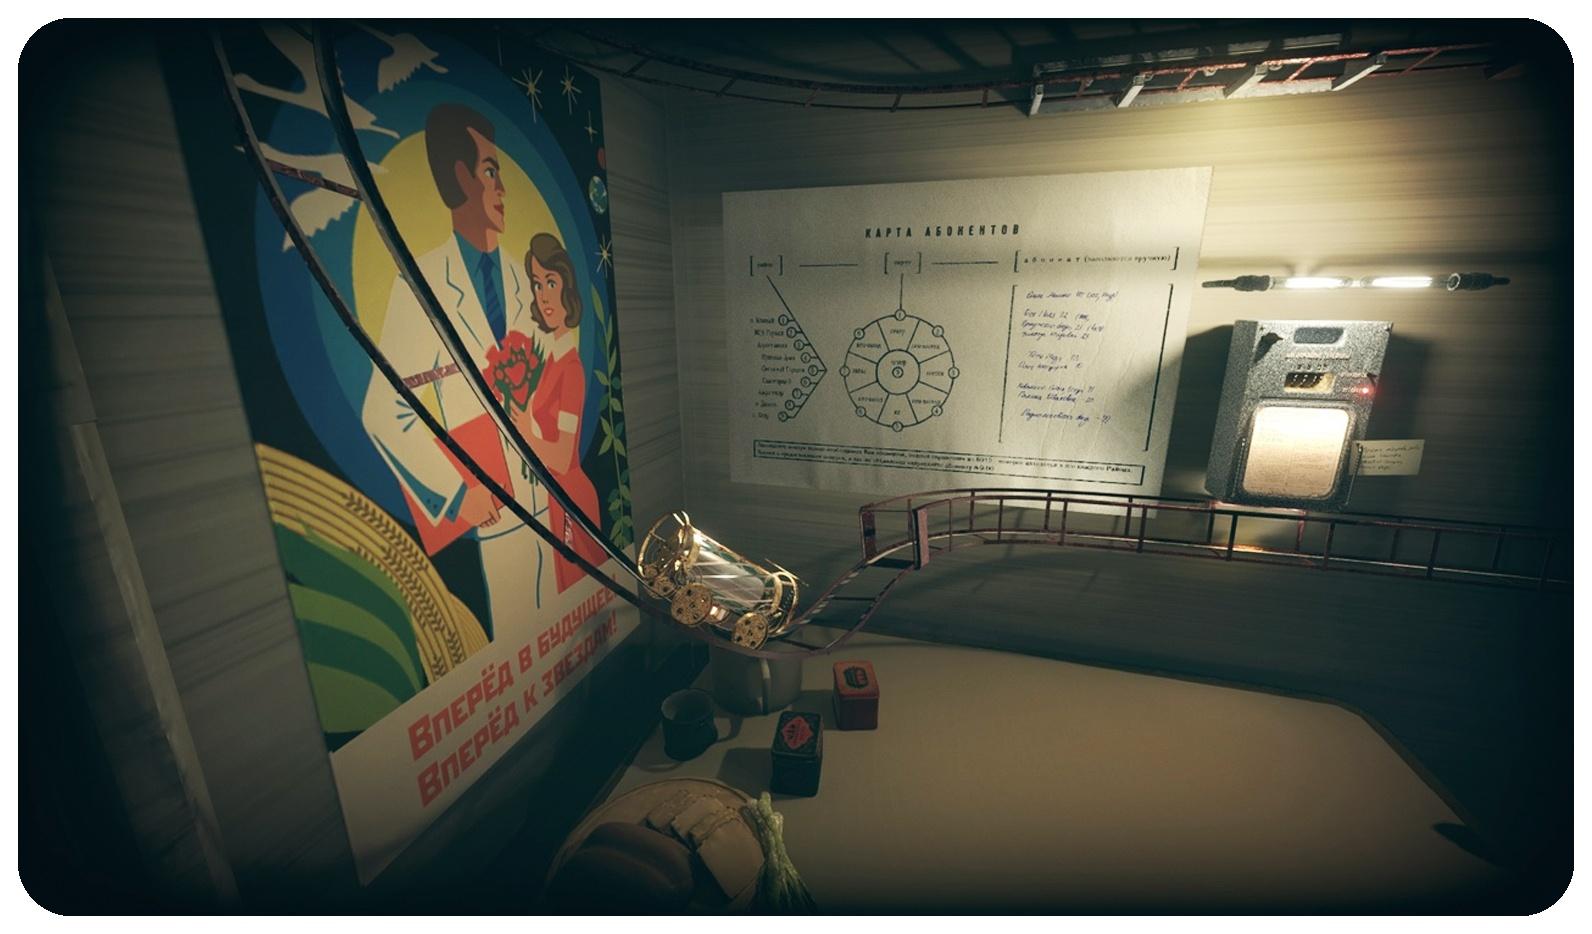 Рис.5.  Игра изобилует плакатами в стиле соцреализма